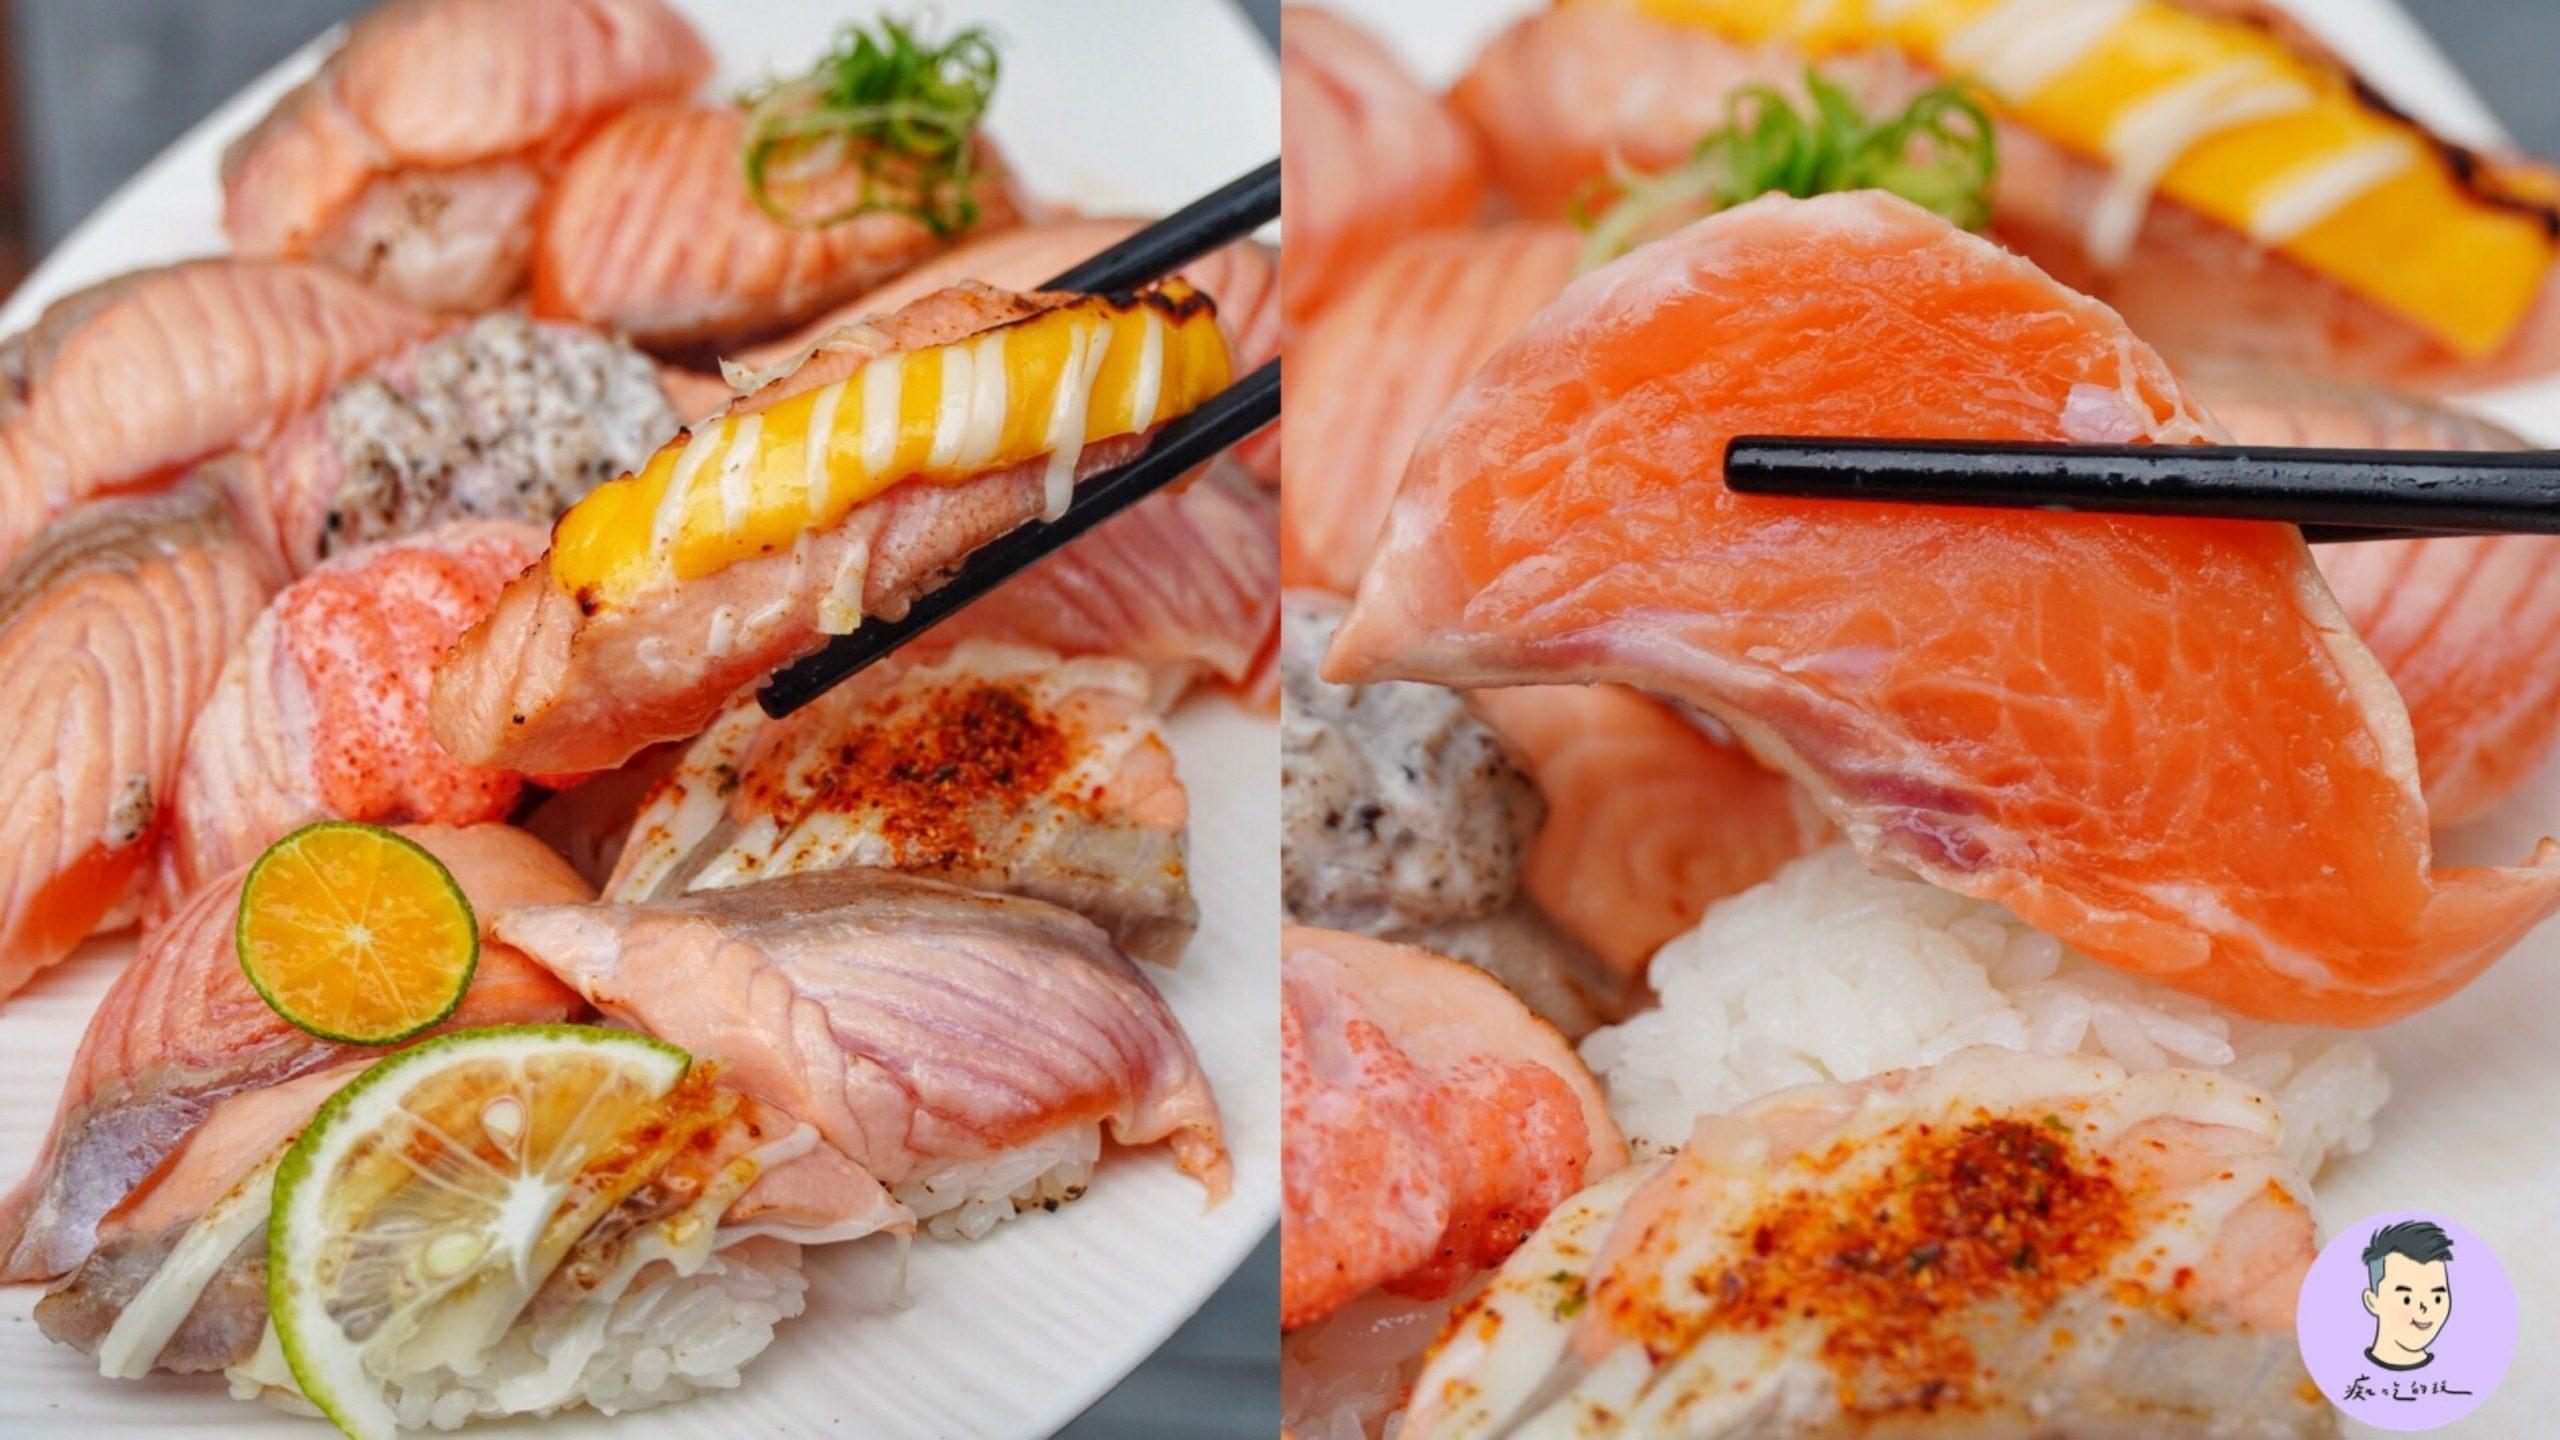 【台南美食】風驛鮨味壽司丼飯!20元炙燒鮭魚在這裡!! 鮭魚控衝啊